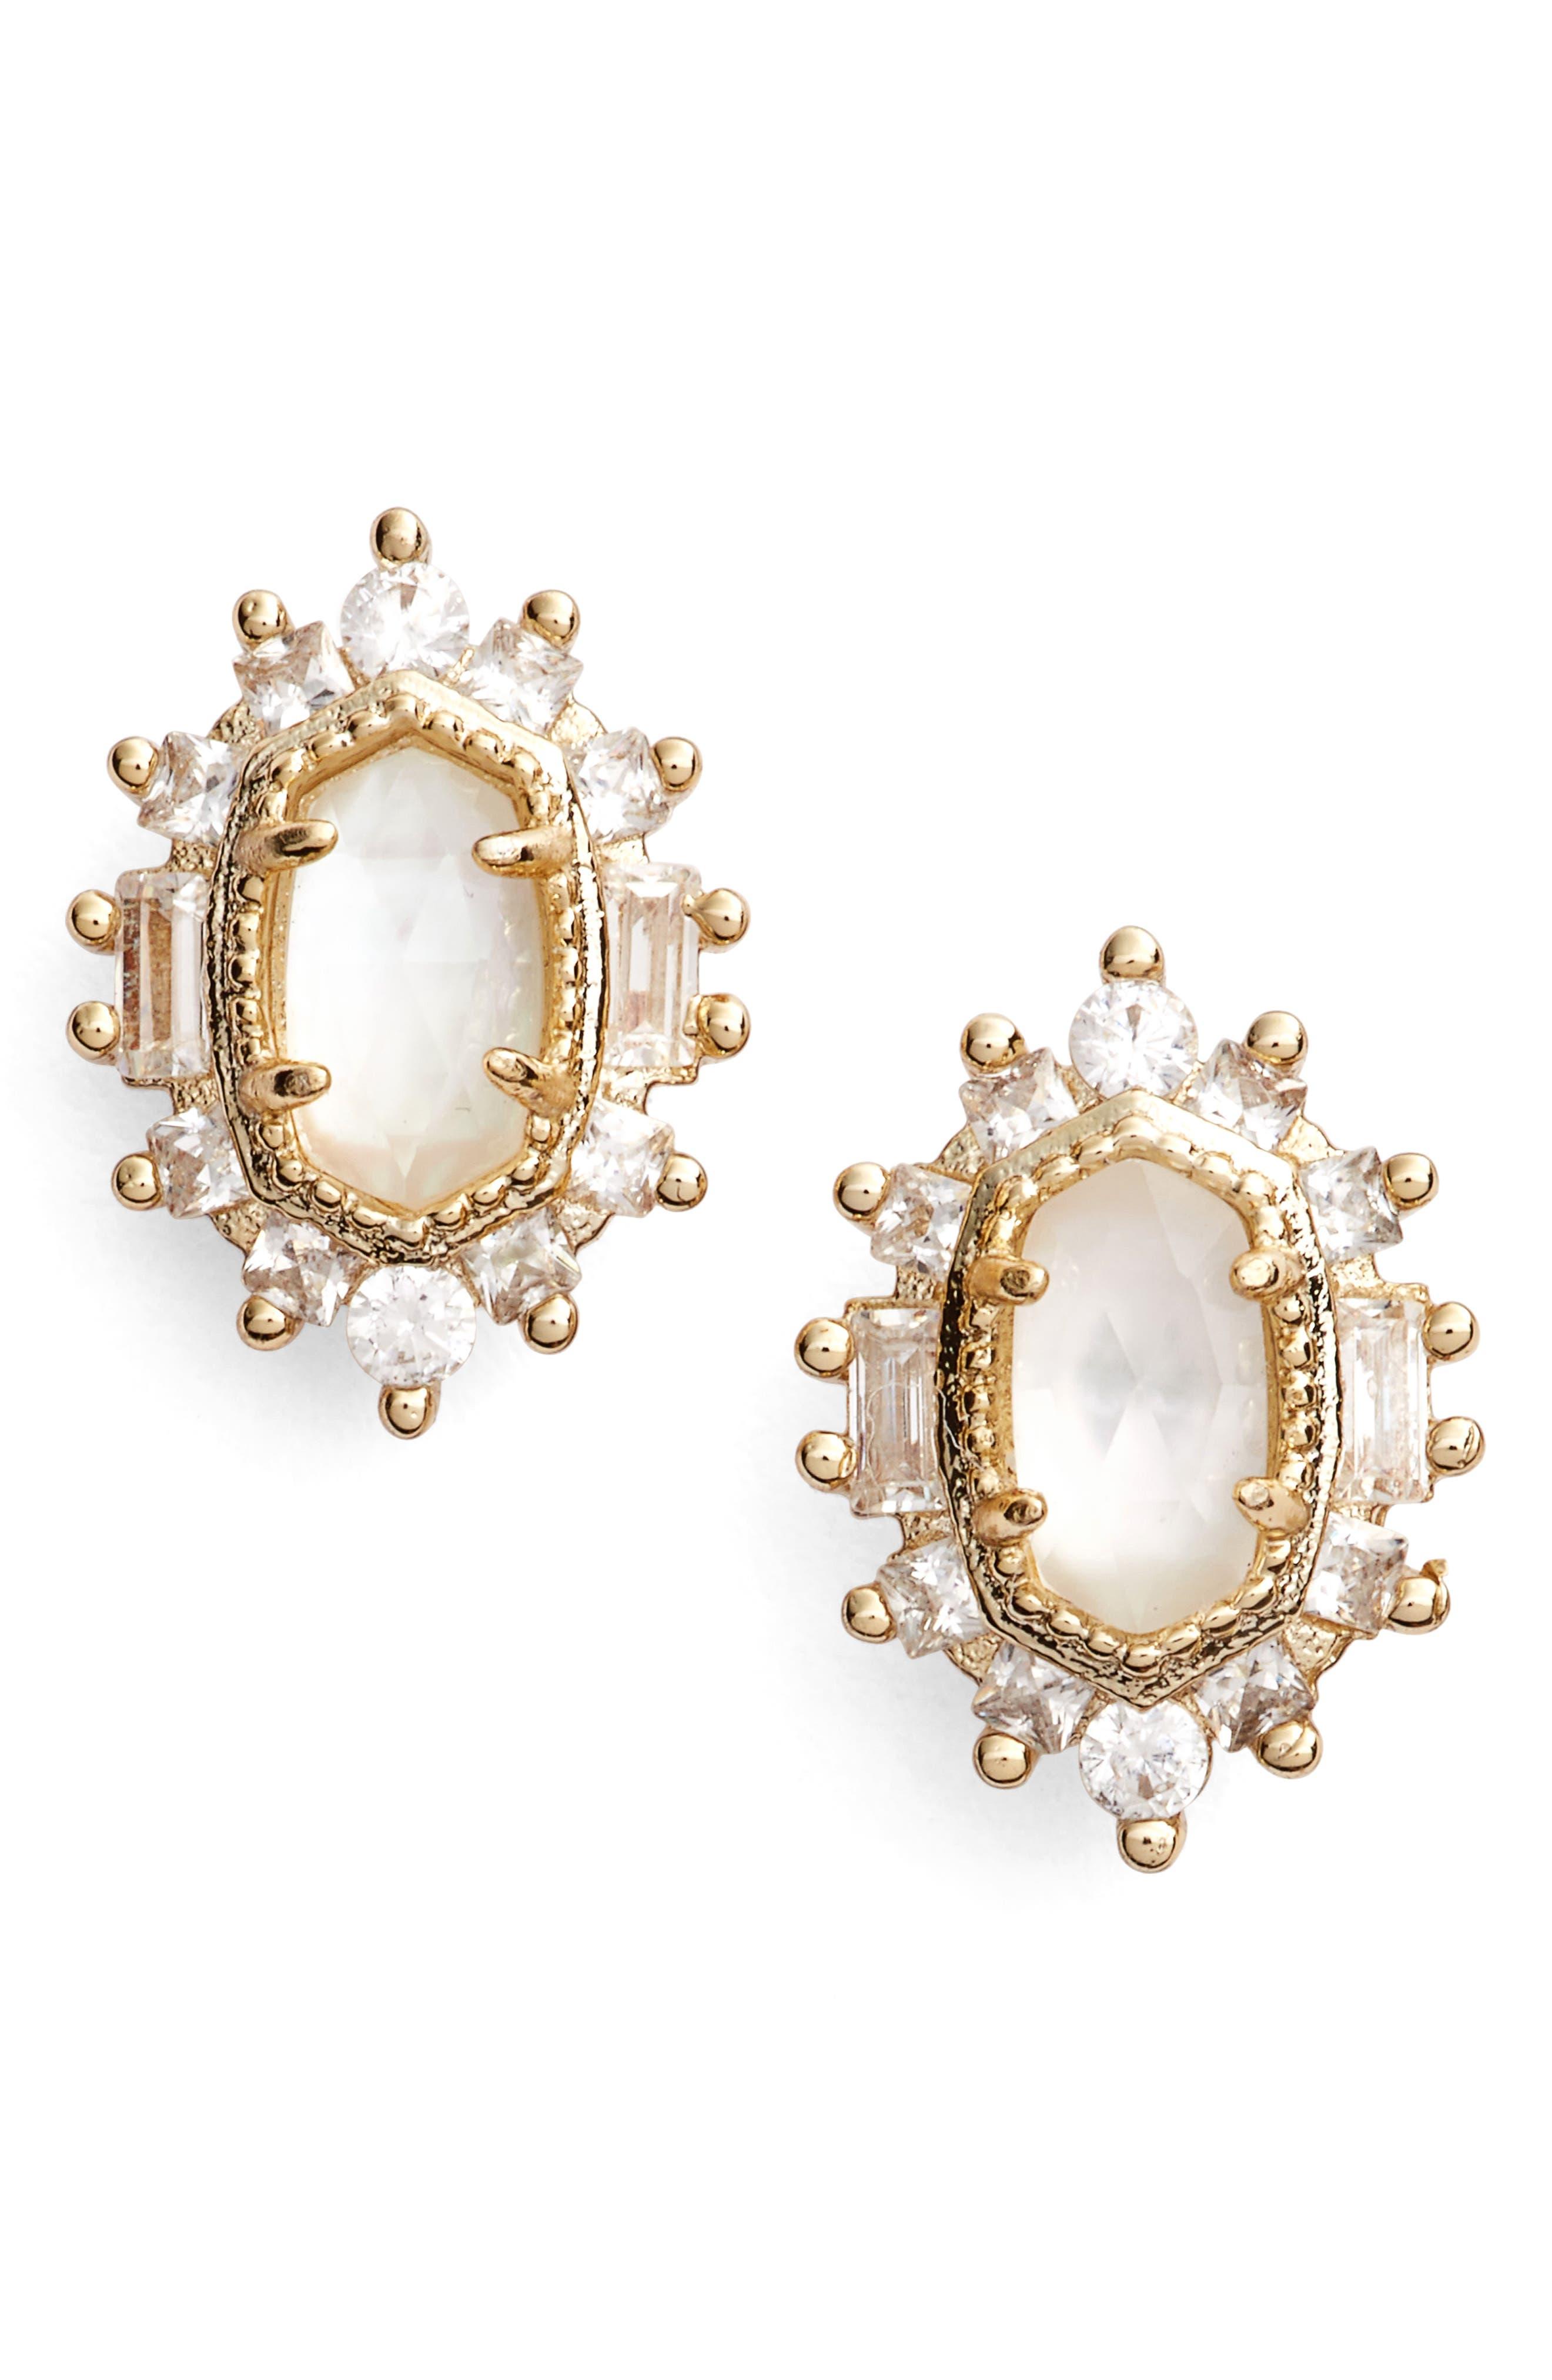 Kaia Stud Earrings,                             Main thumbnail 1, color,                             Ivory Mop/ Gold